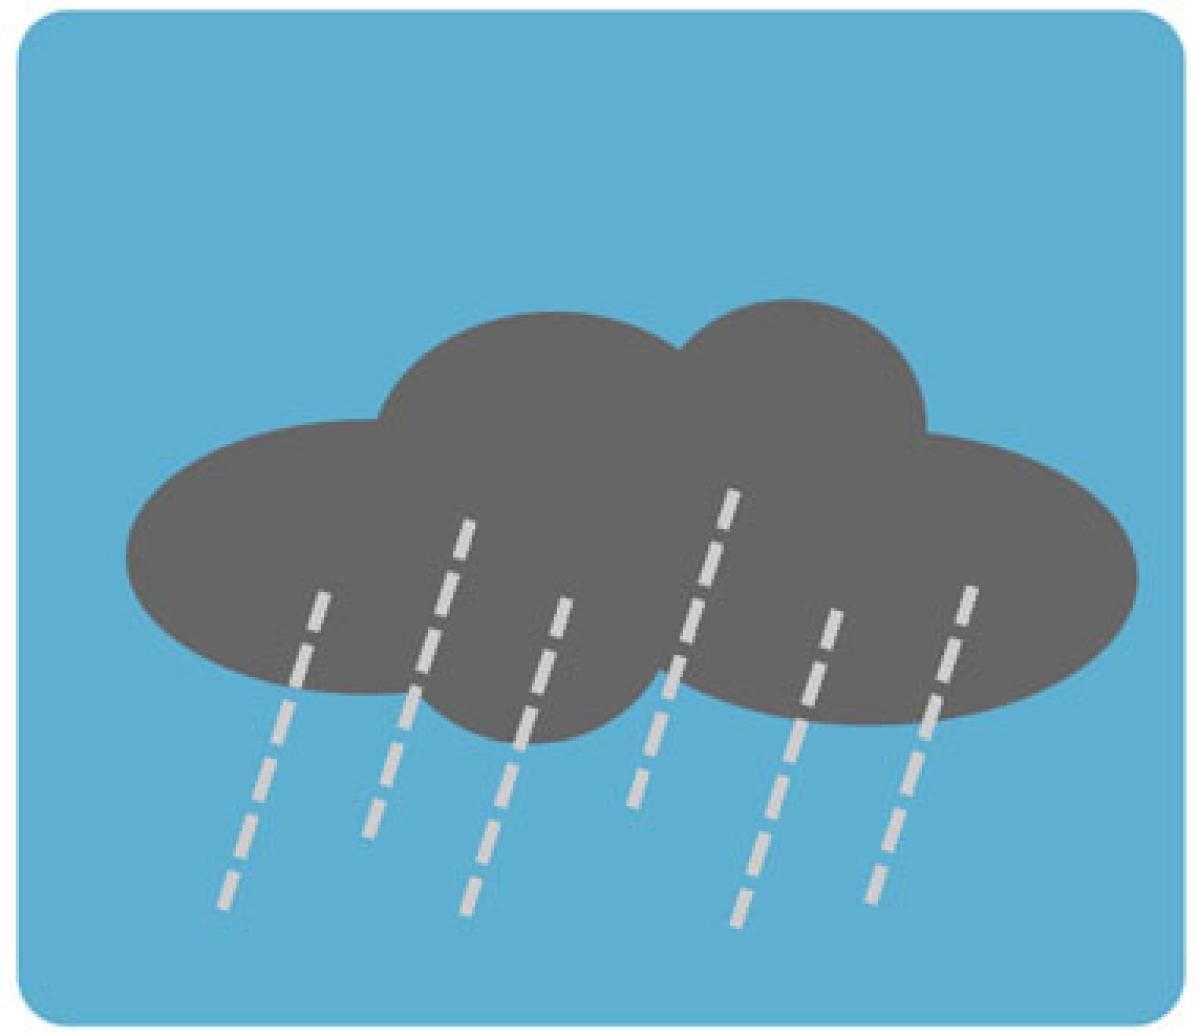 India Meteorological Department plays down US warning on El Nino